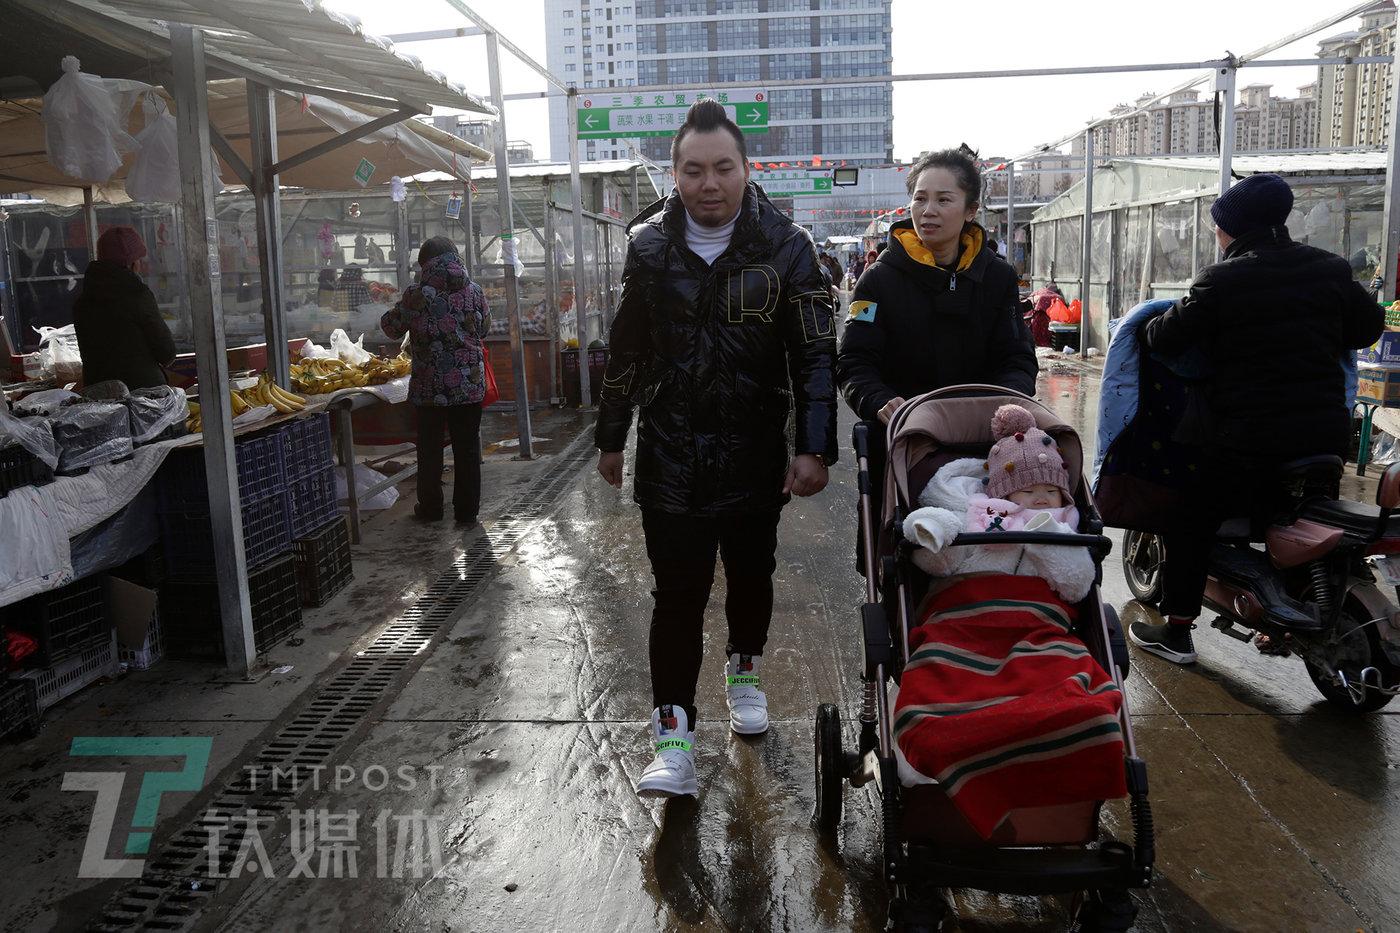 河北燕郊,阿绎和妻女儿在家附近菜市场买菜。